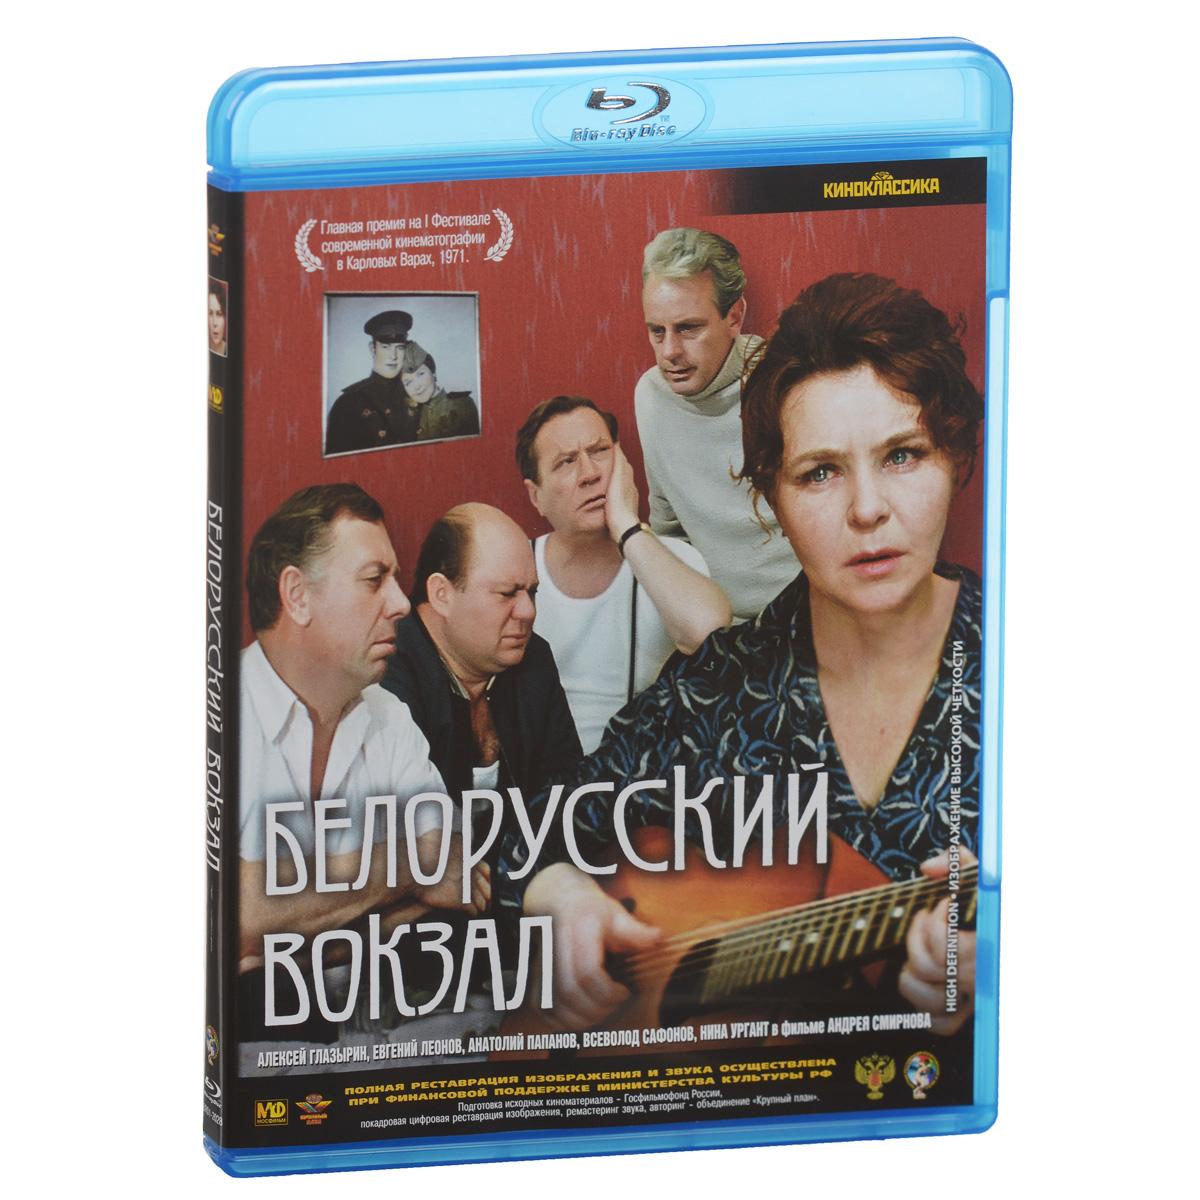 Белорусский вокзал (Blu-ray) смирнова любовь вкусные пловы